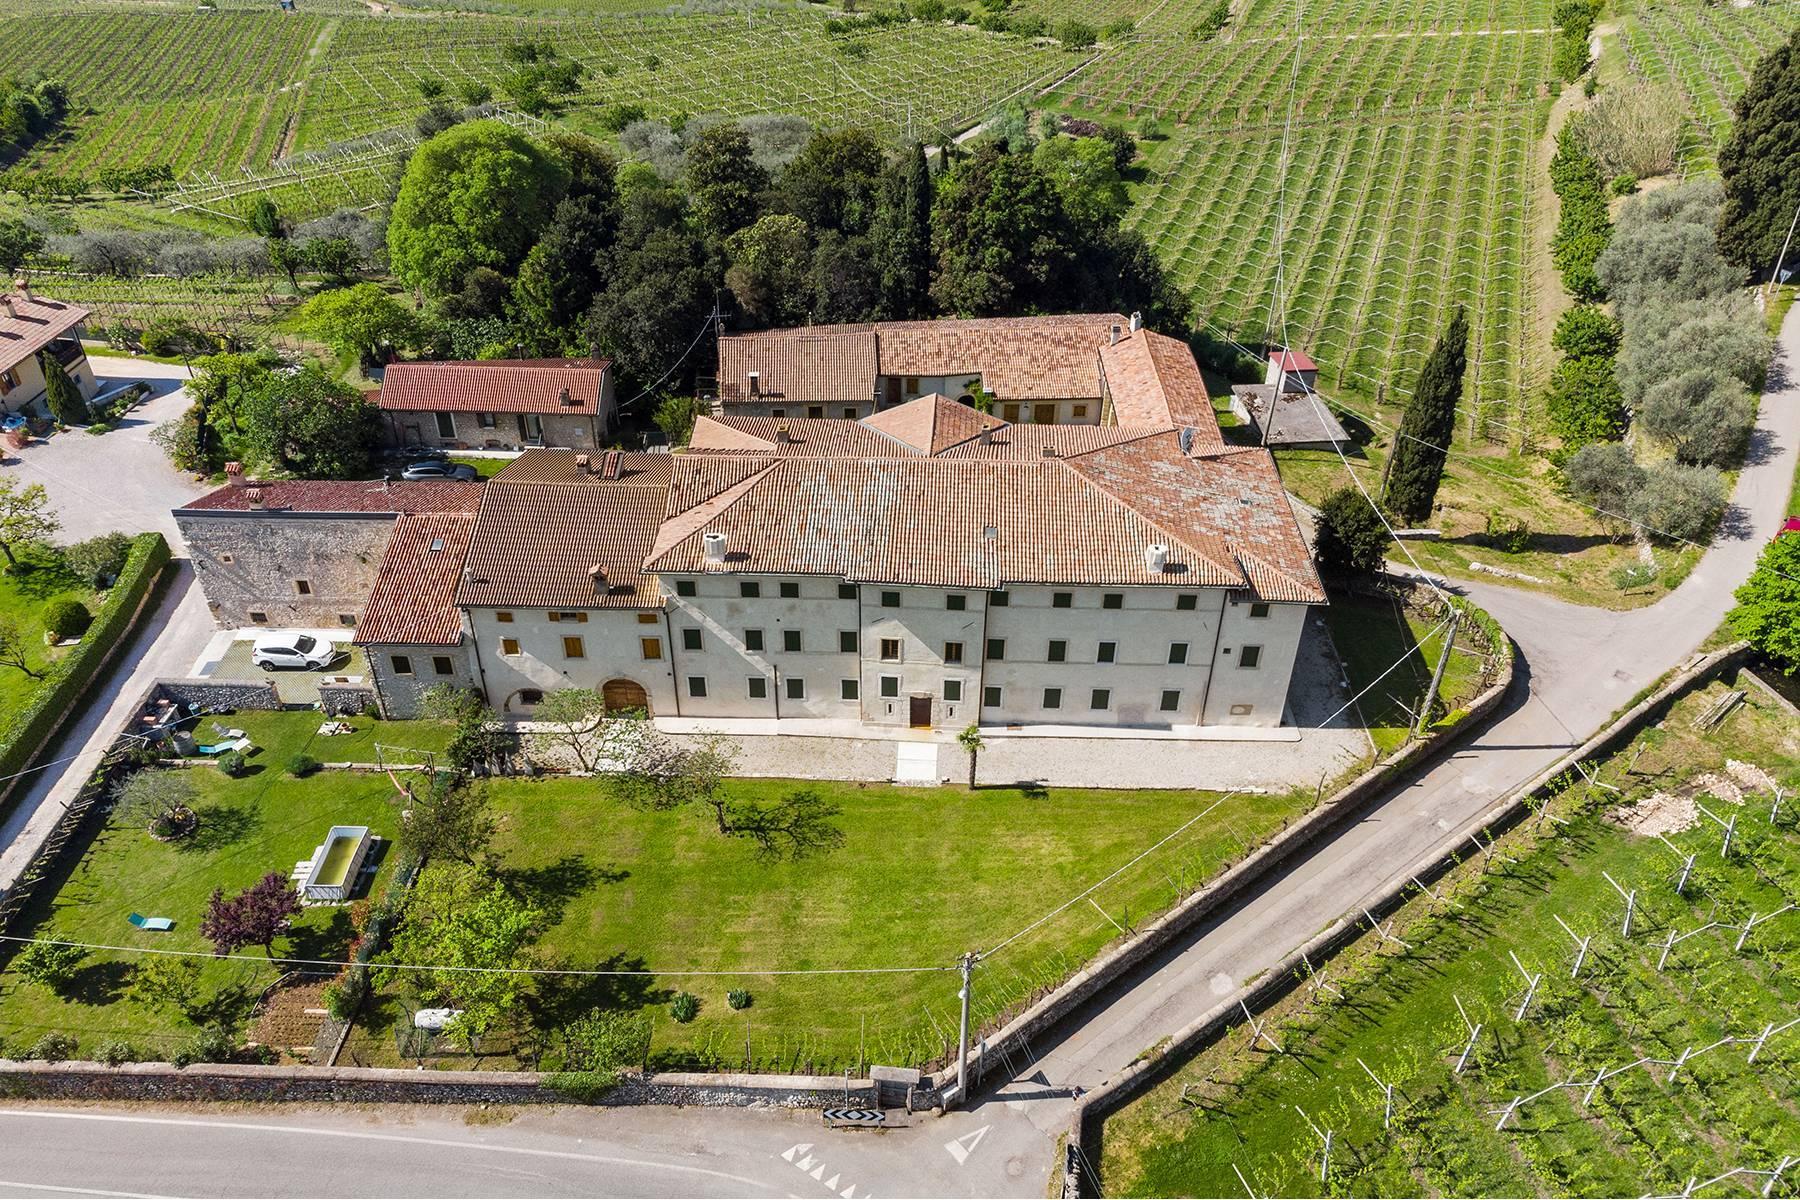 Historische Villa mit Park und prächtigem alten Keller, umgeben von Weinbergen - 43